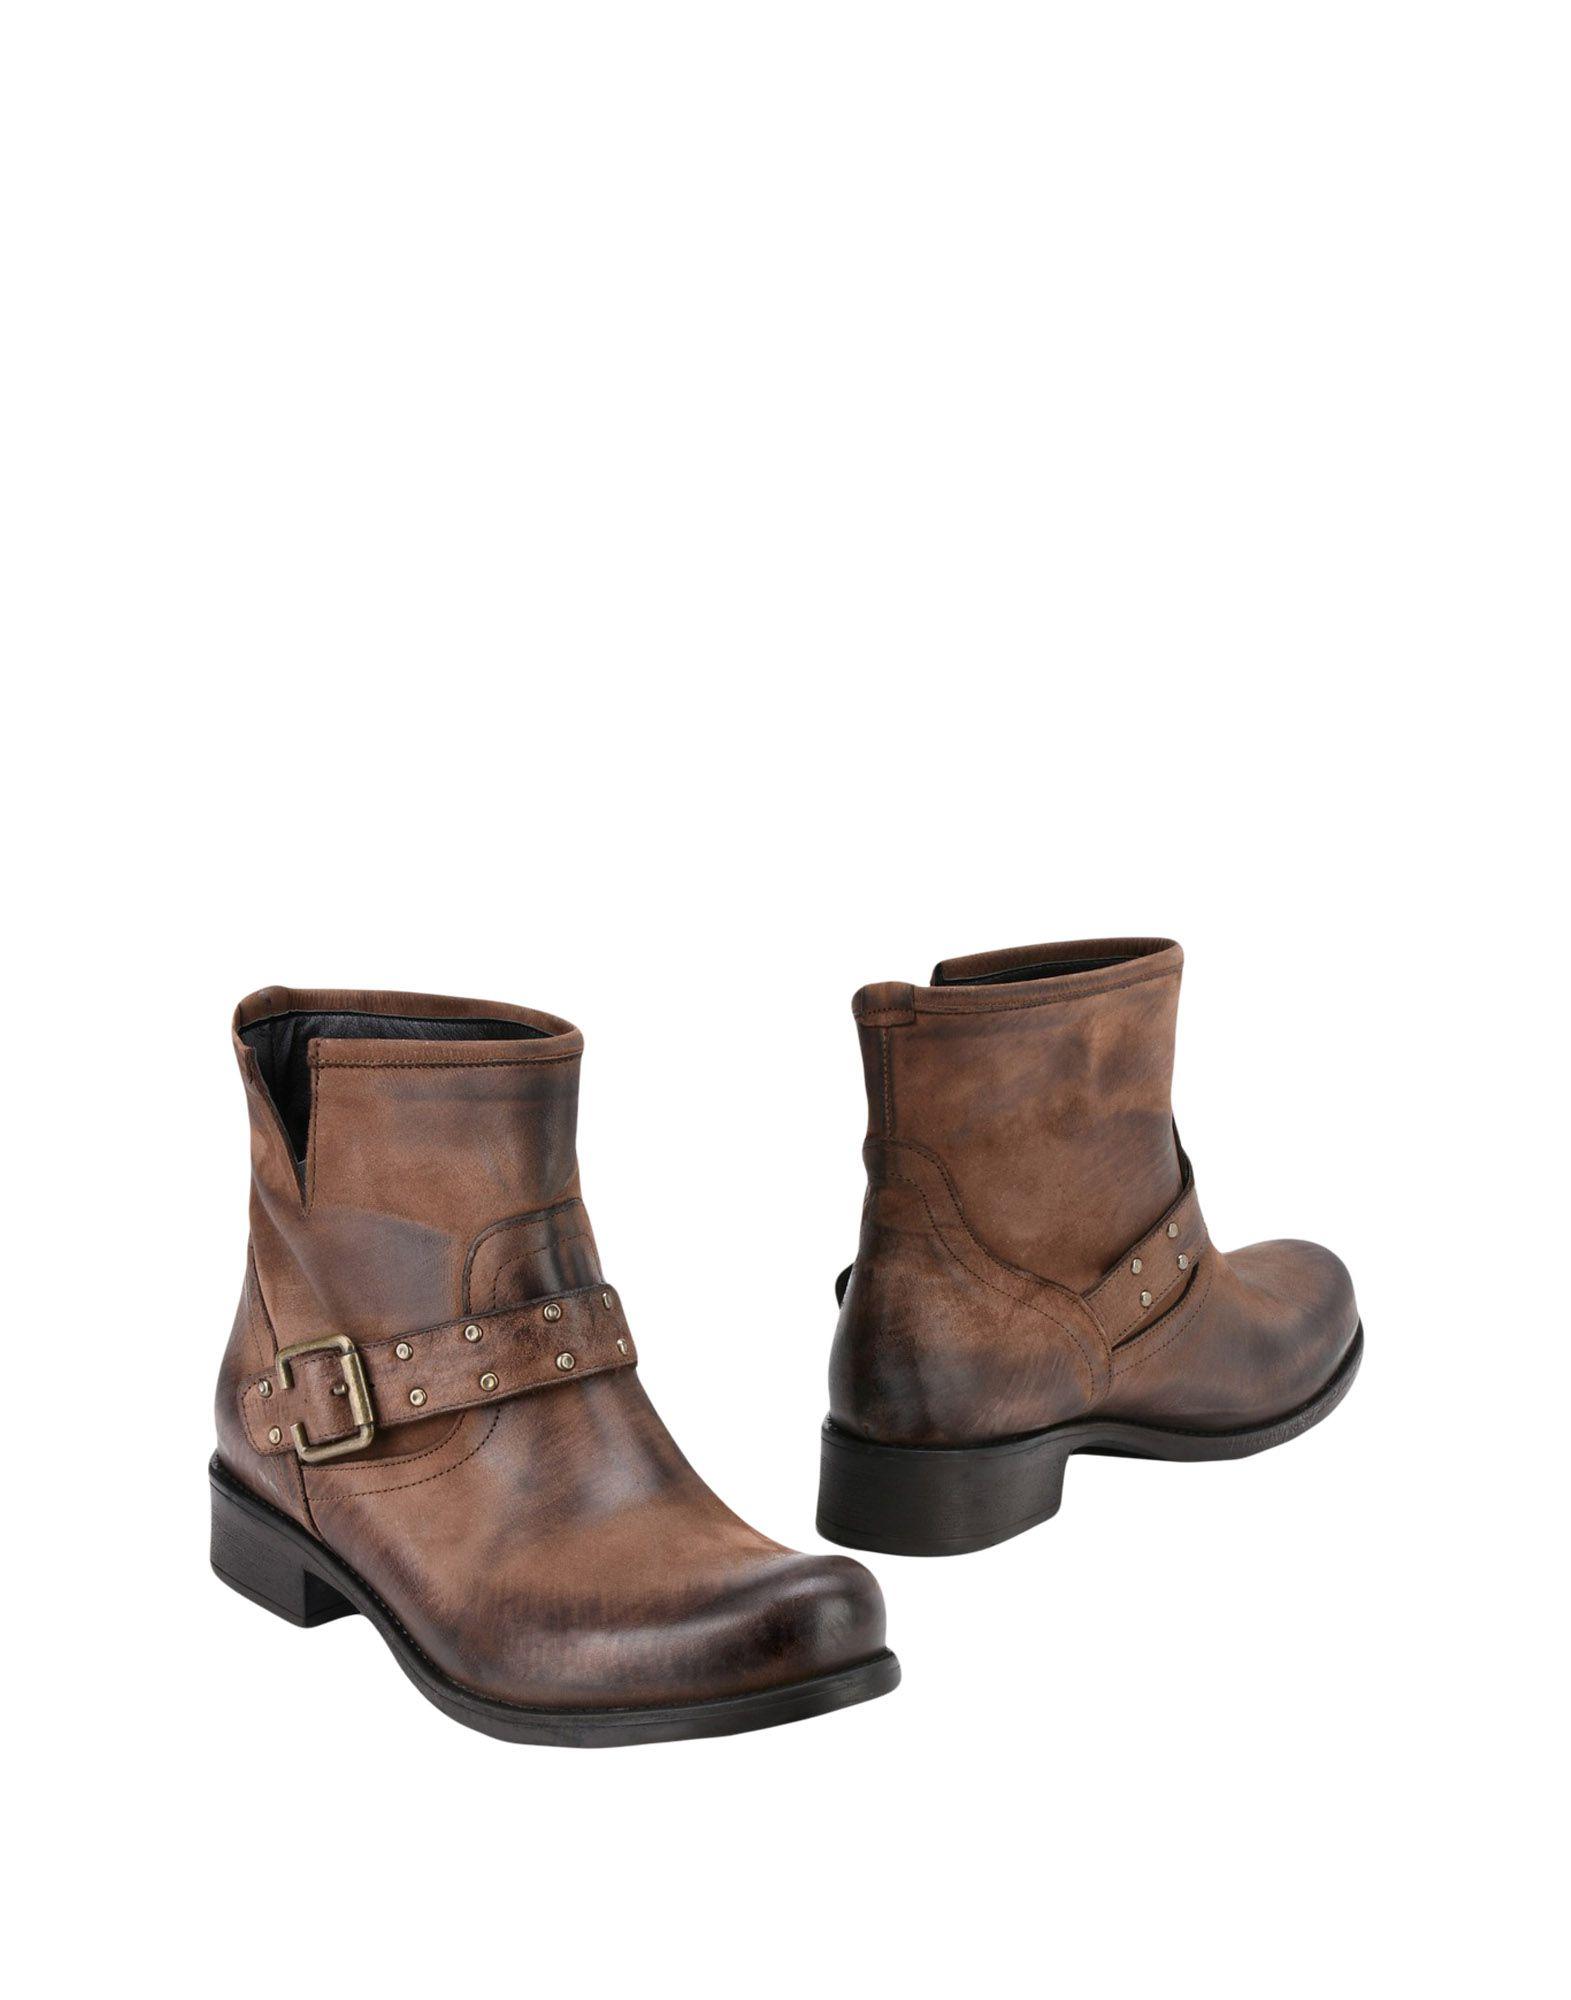 George J. Love Stiefelette Damen  11405233LV Gute Qualität beliebte Schuhe